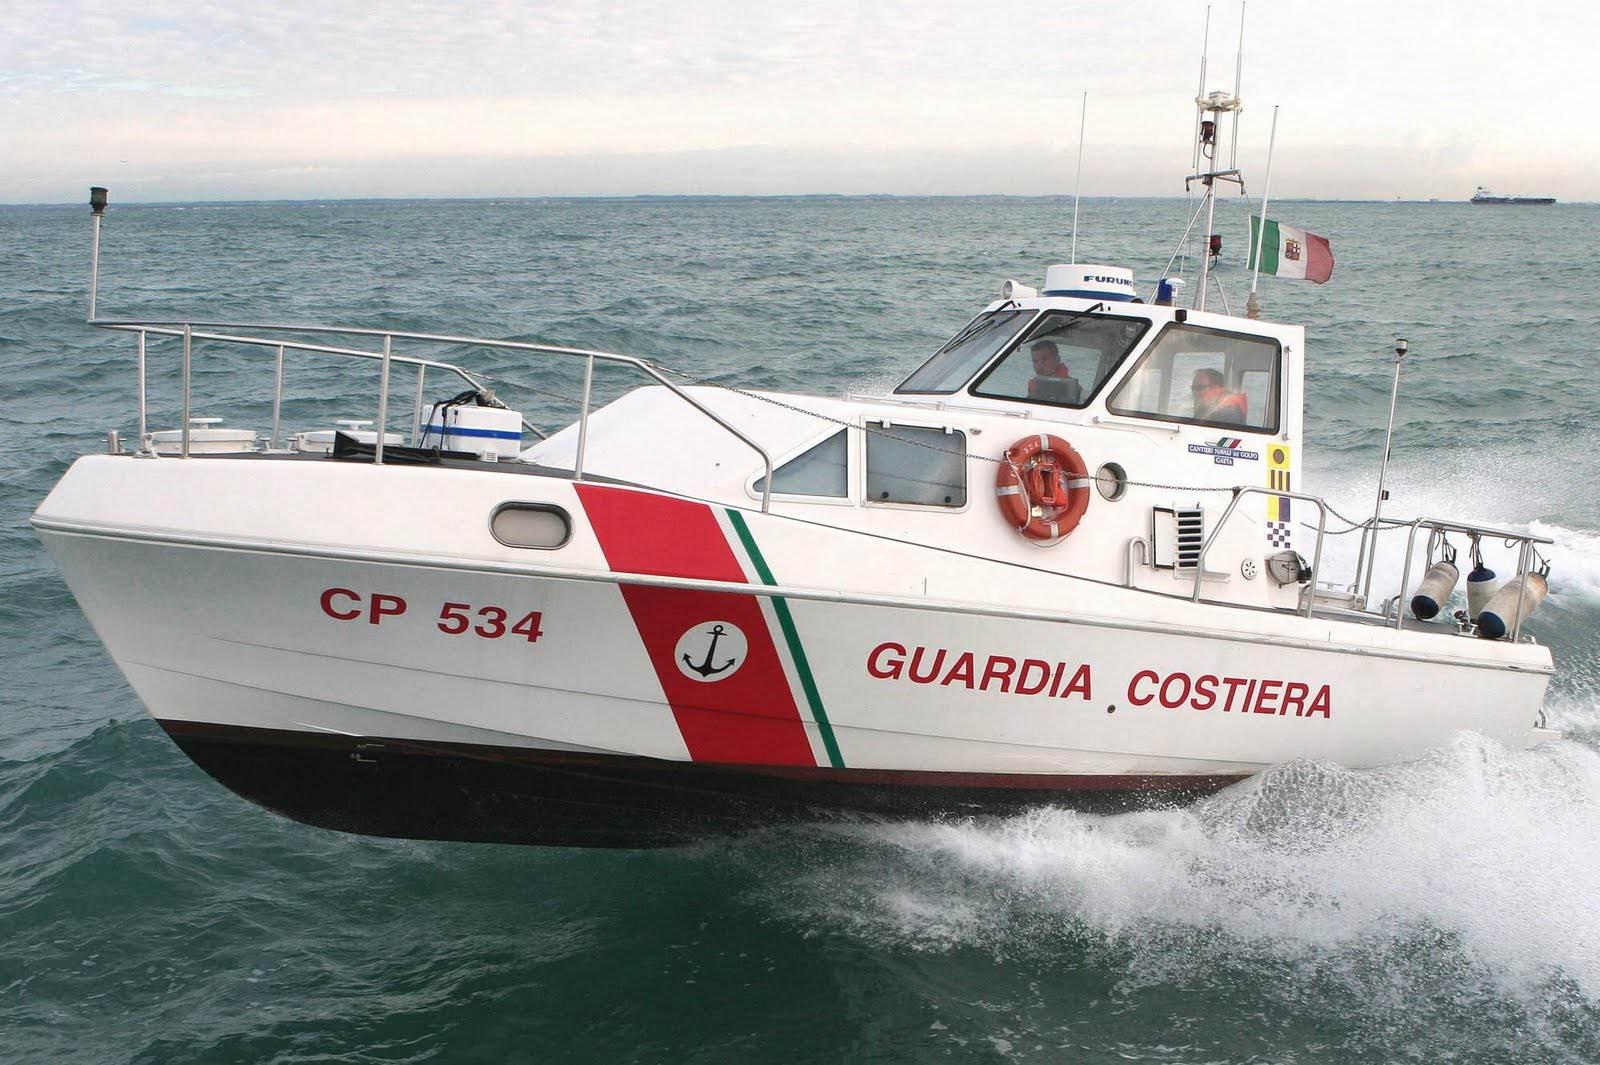 Pescatore muore in mare, in fase di accertamento le cause